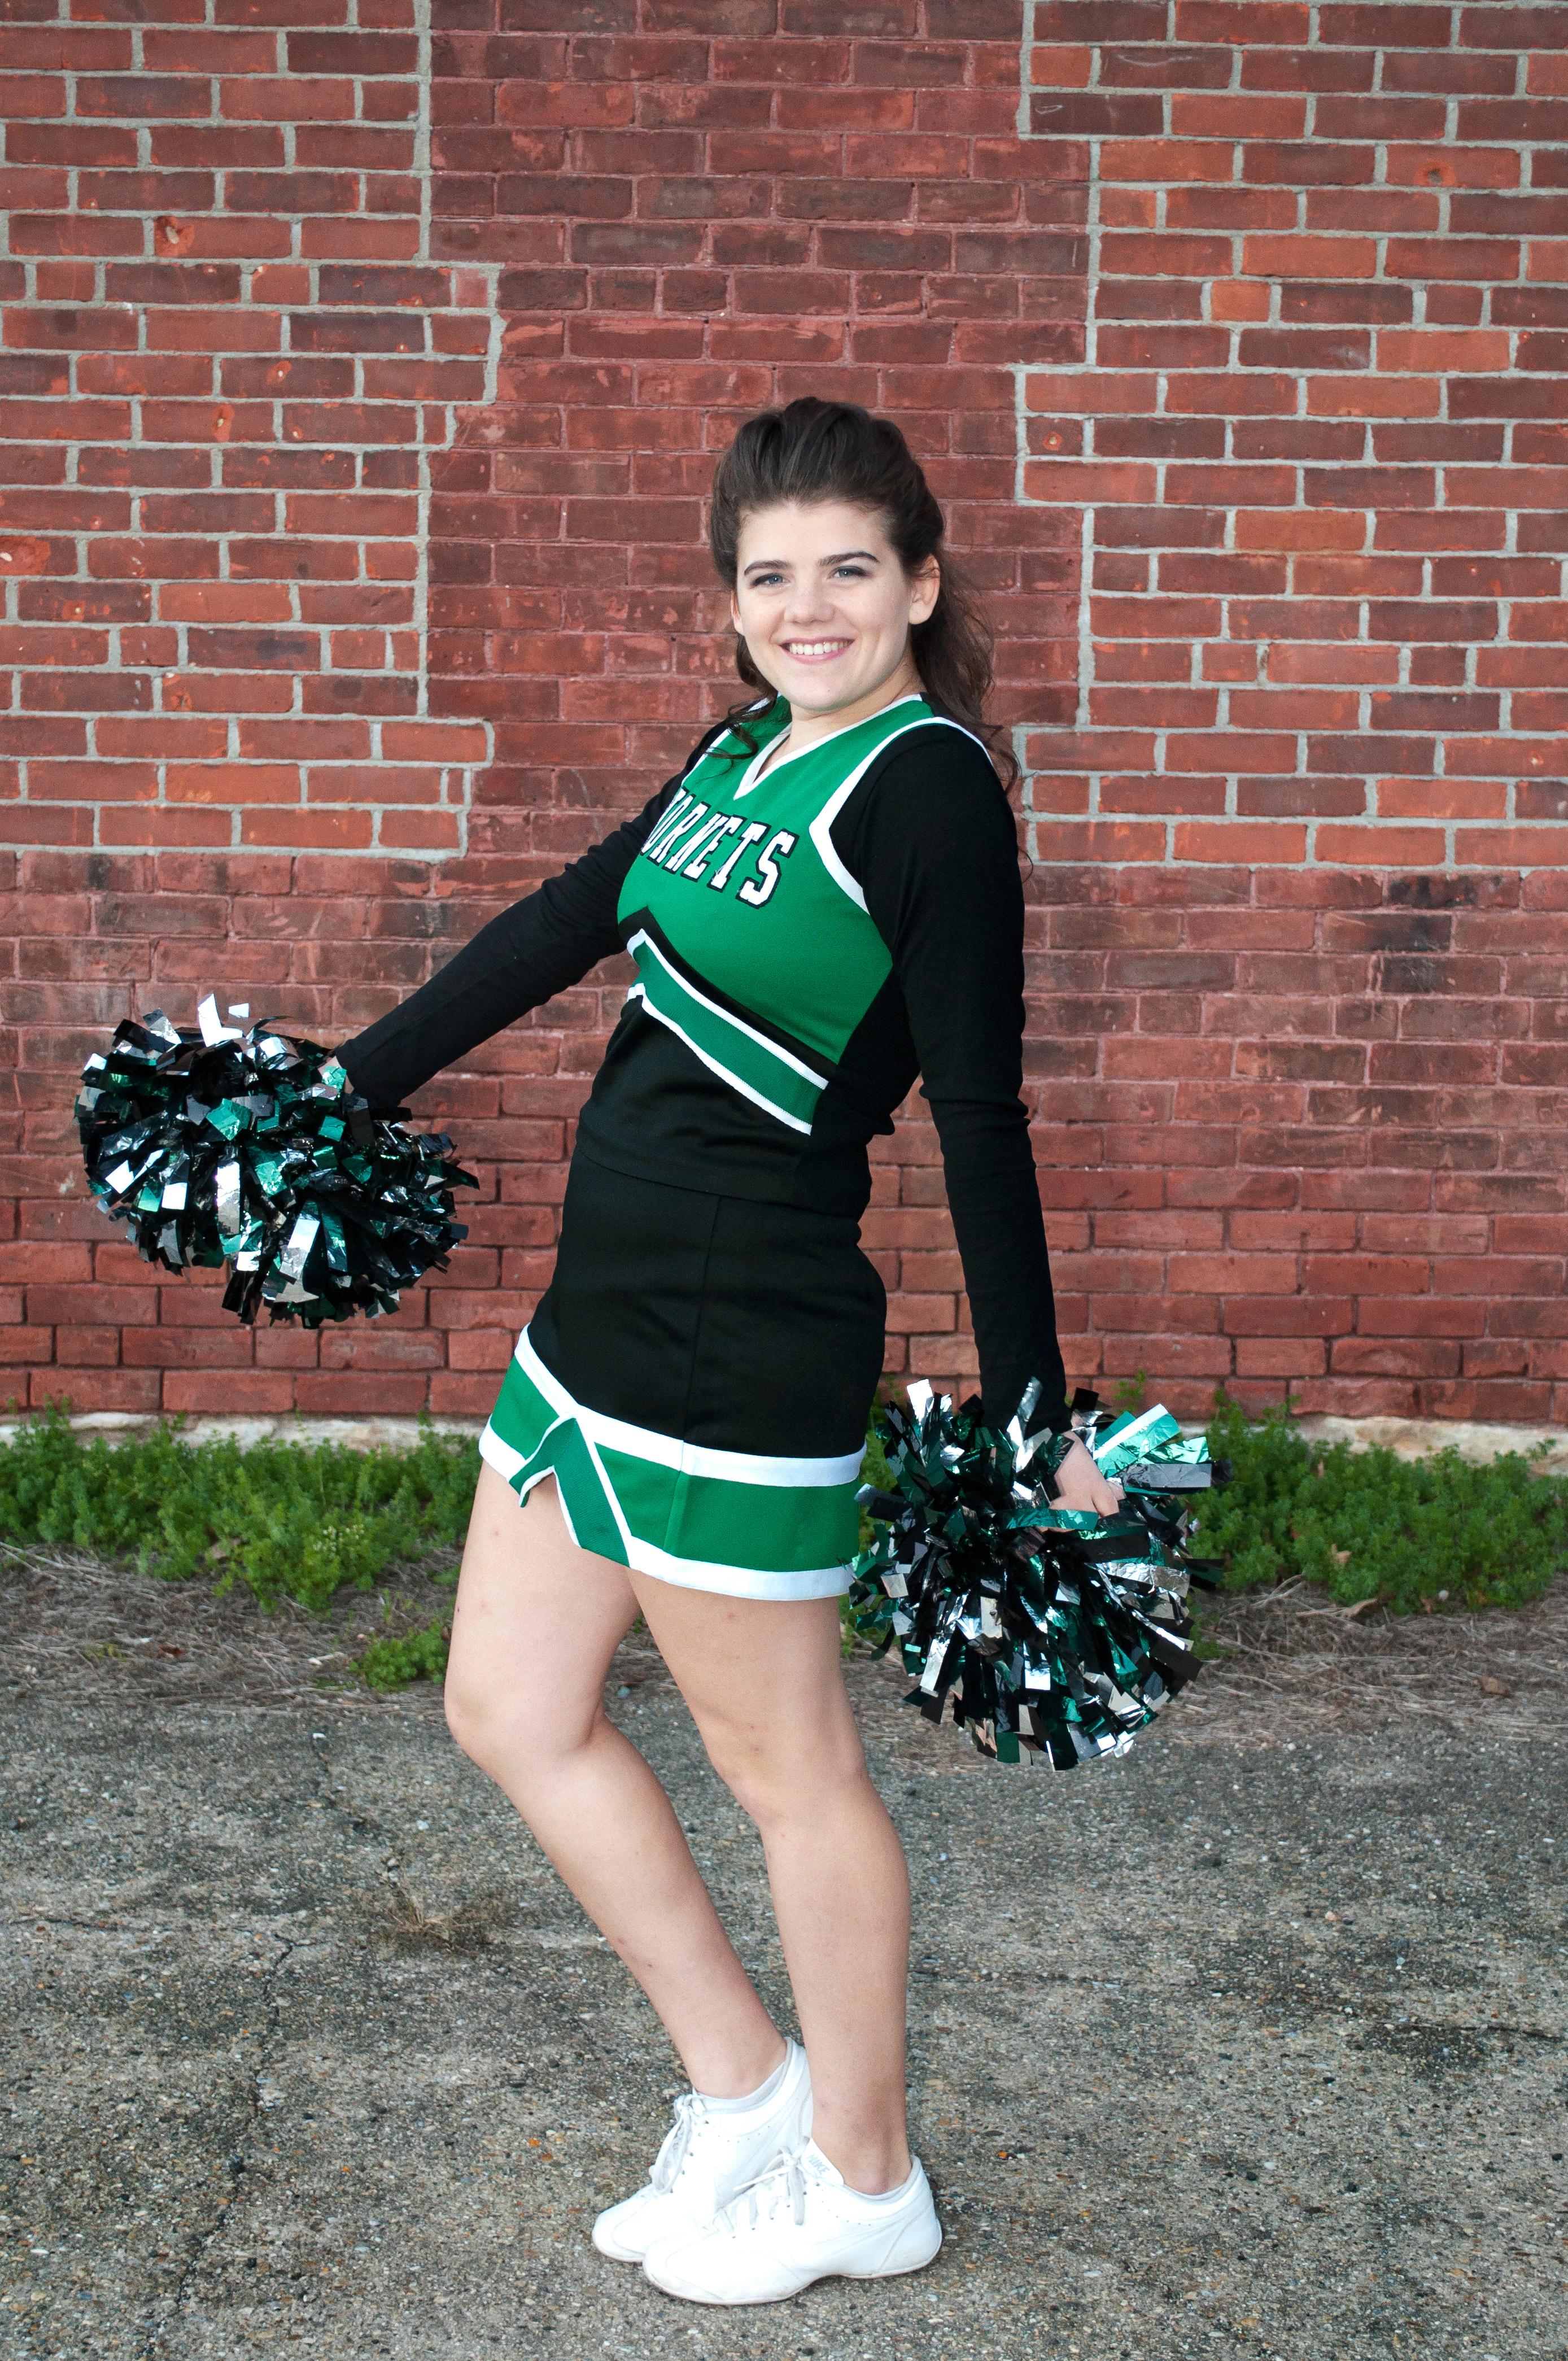 Senior Photography Pittsfield MA NY